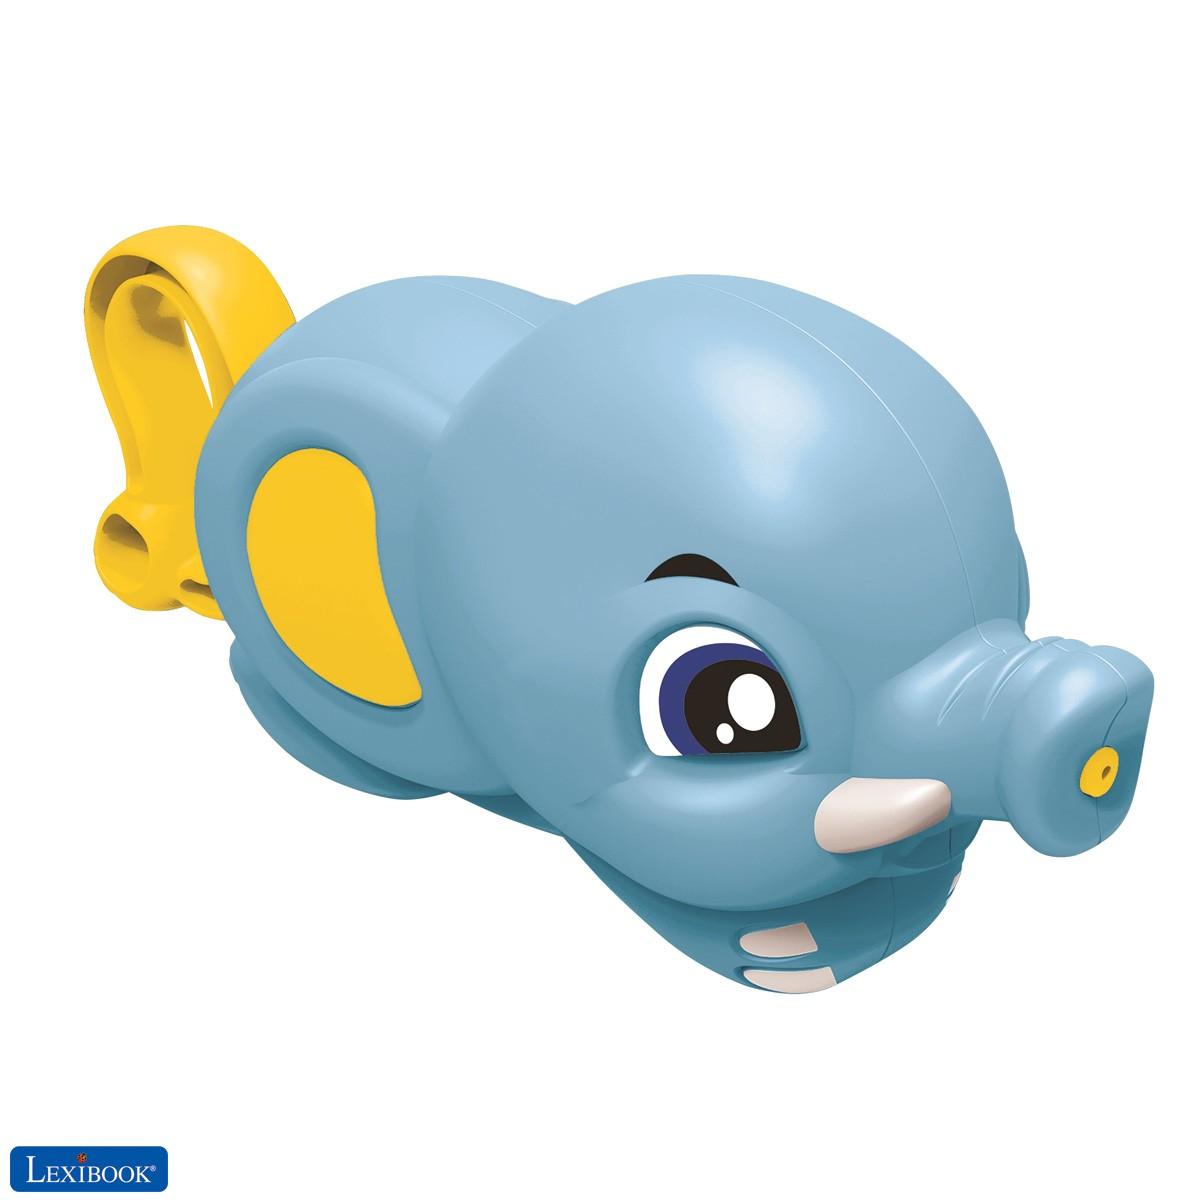 Lexibook Juego de baño Elefante asperor de agua azul/amarillo